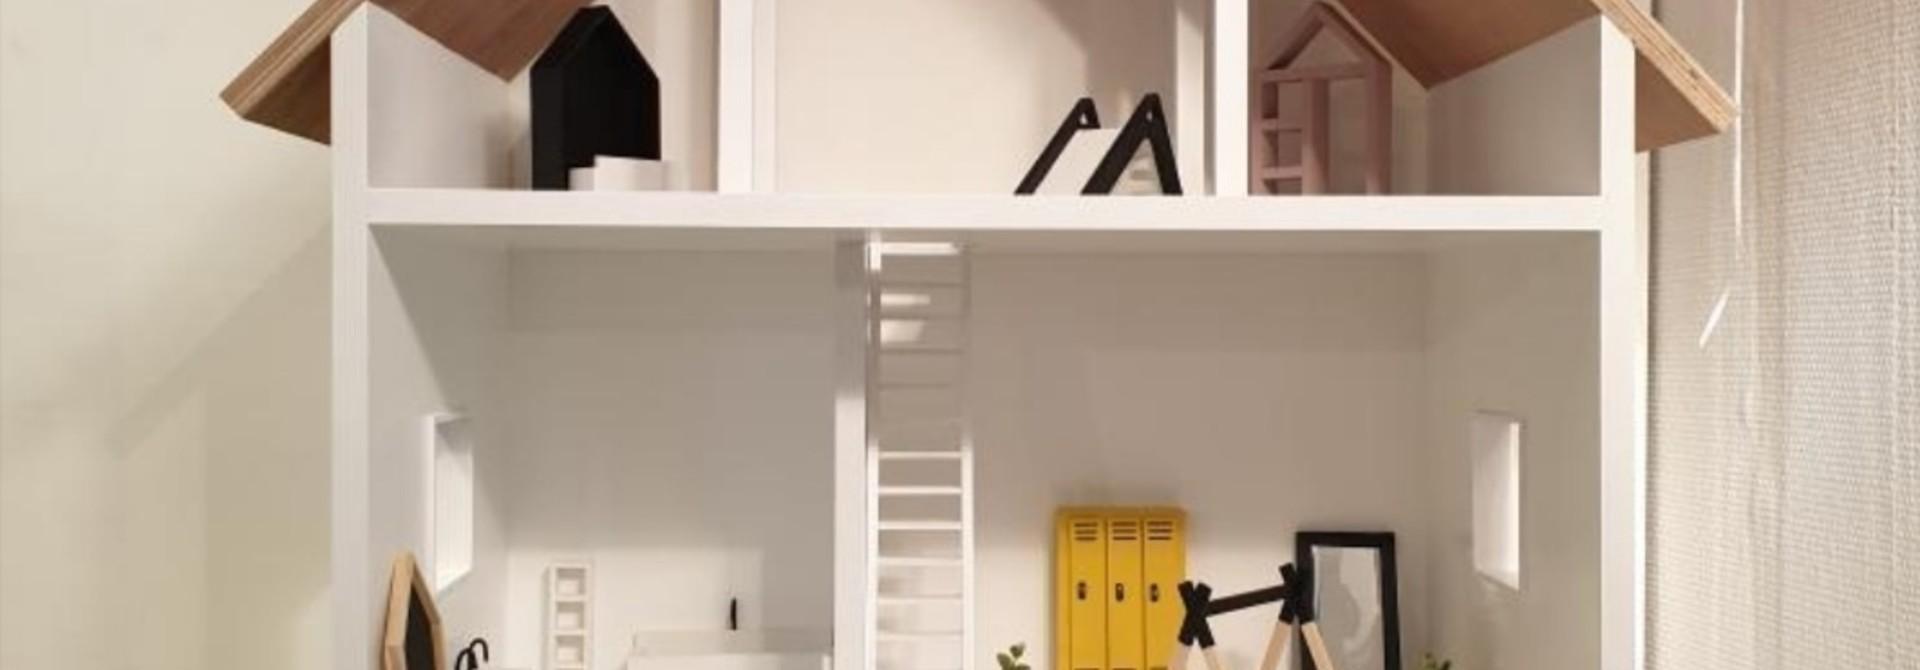 Minthe Groot met 2 trappen, 4 ramen en 4 wieltjes